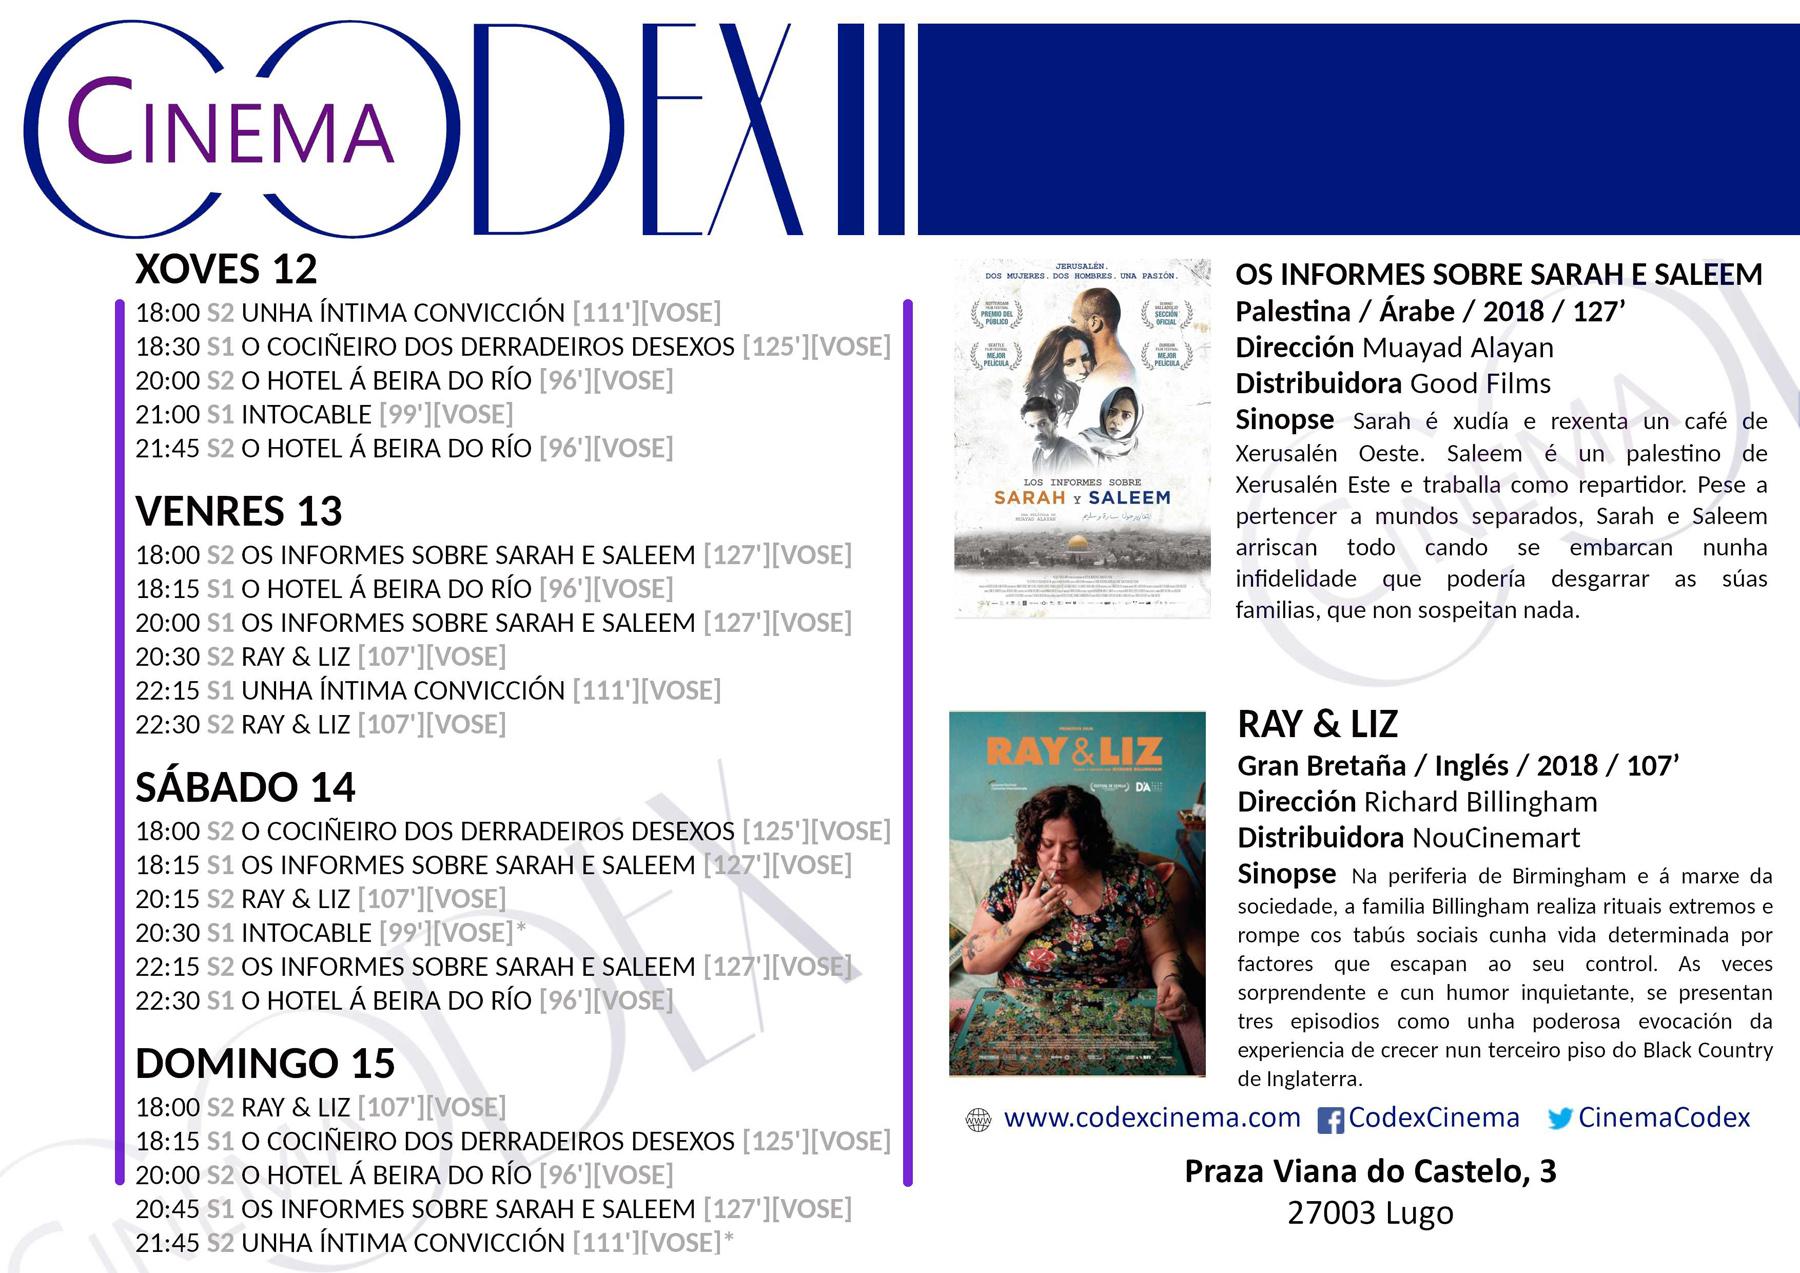 Cine en Lugo - Películas nos cines Codex